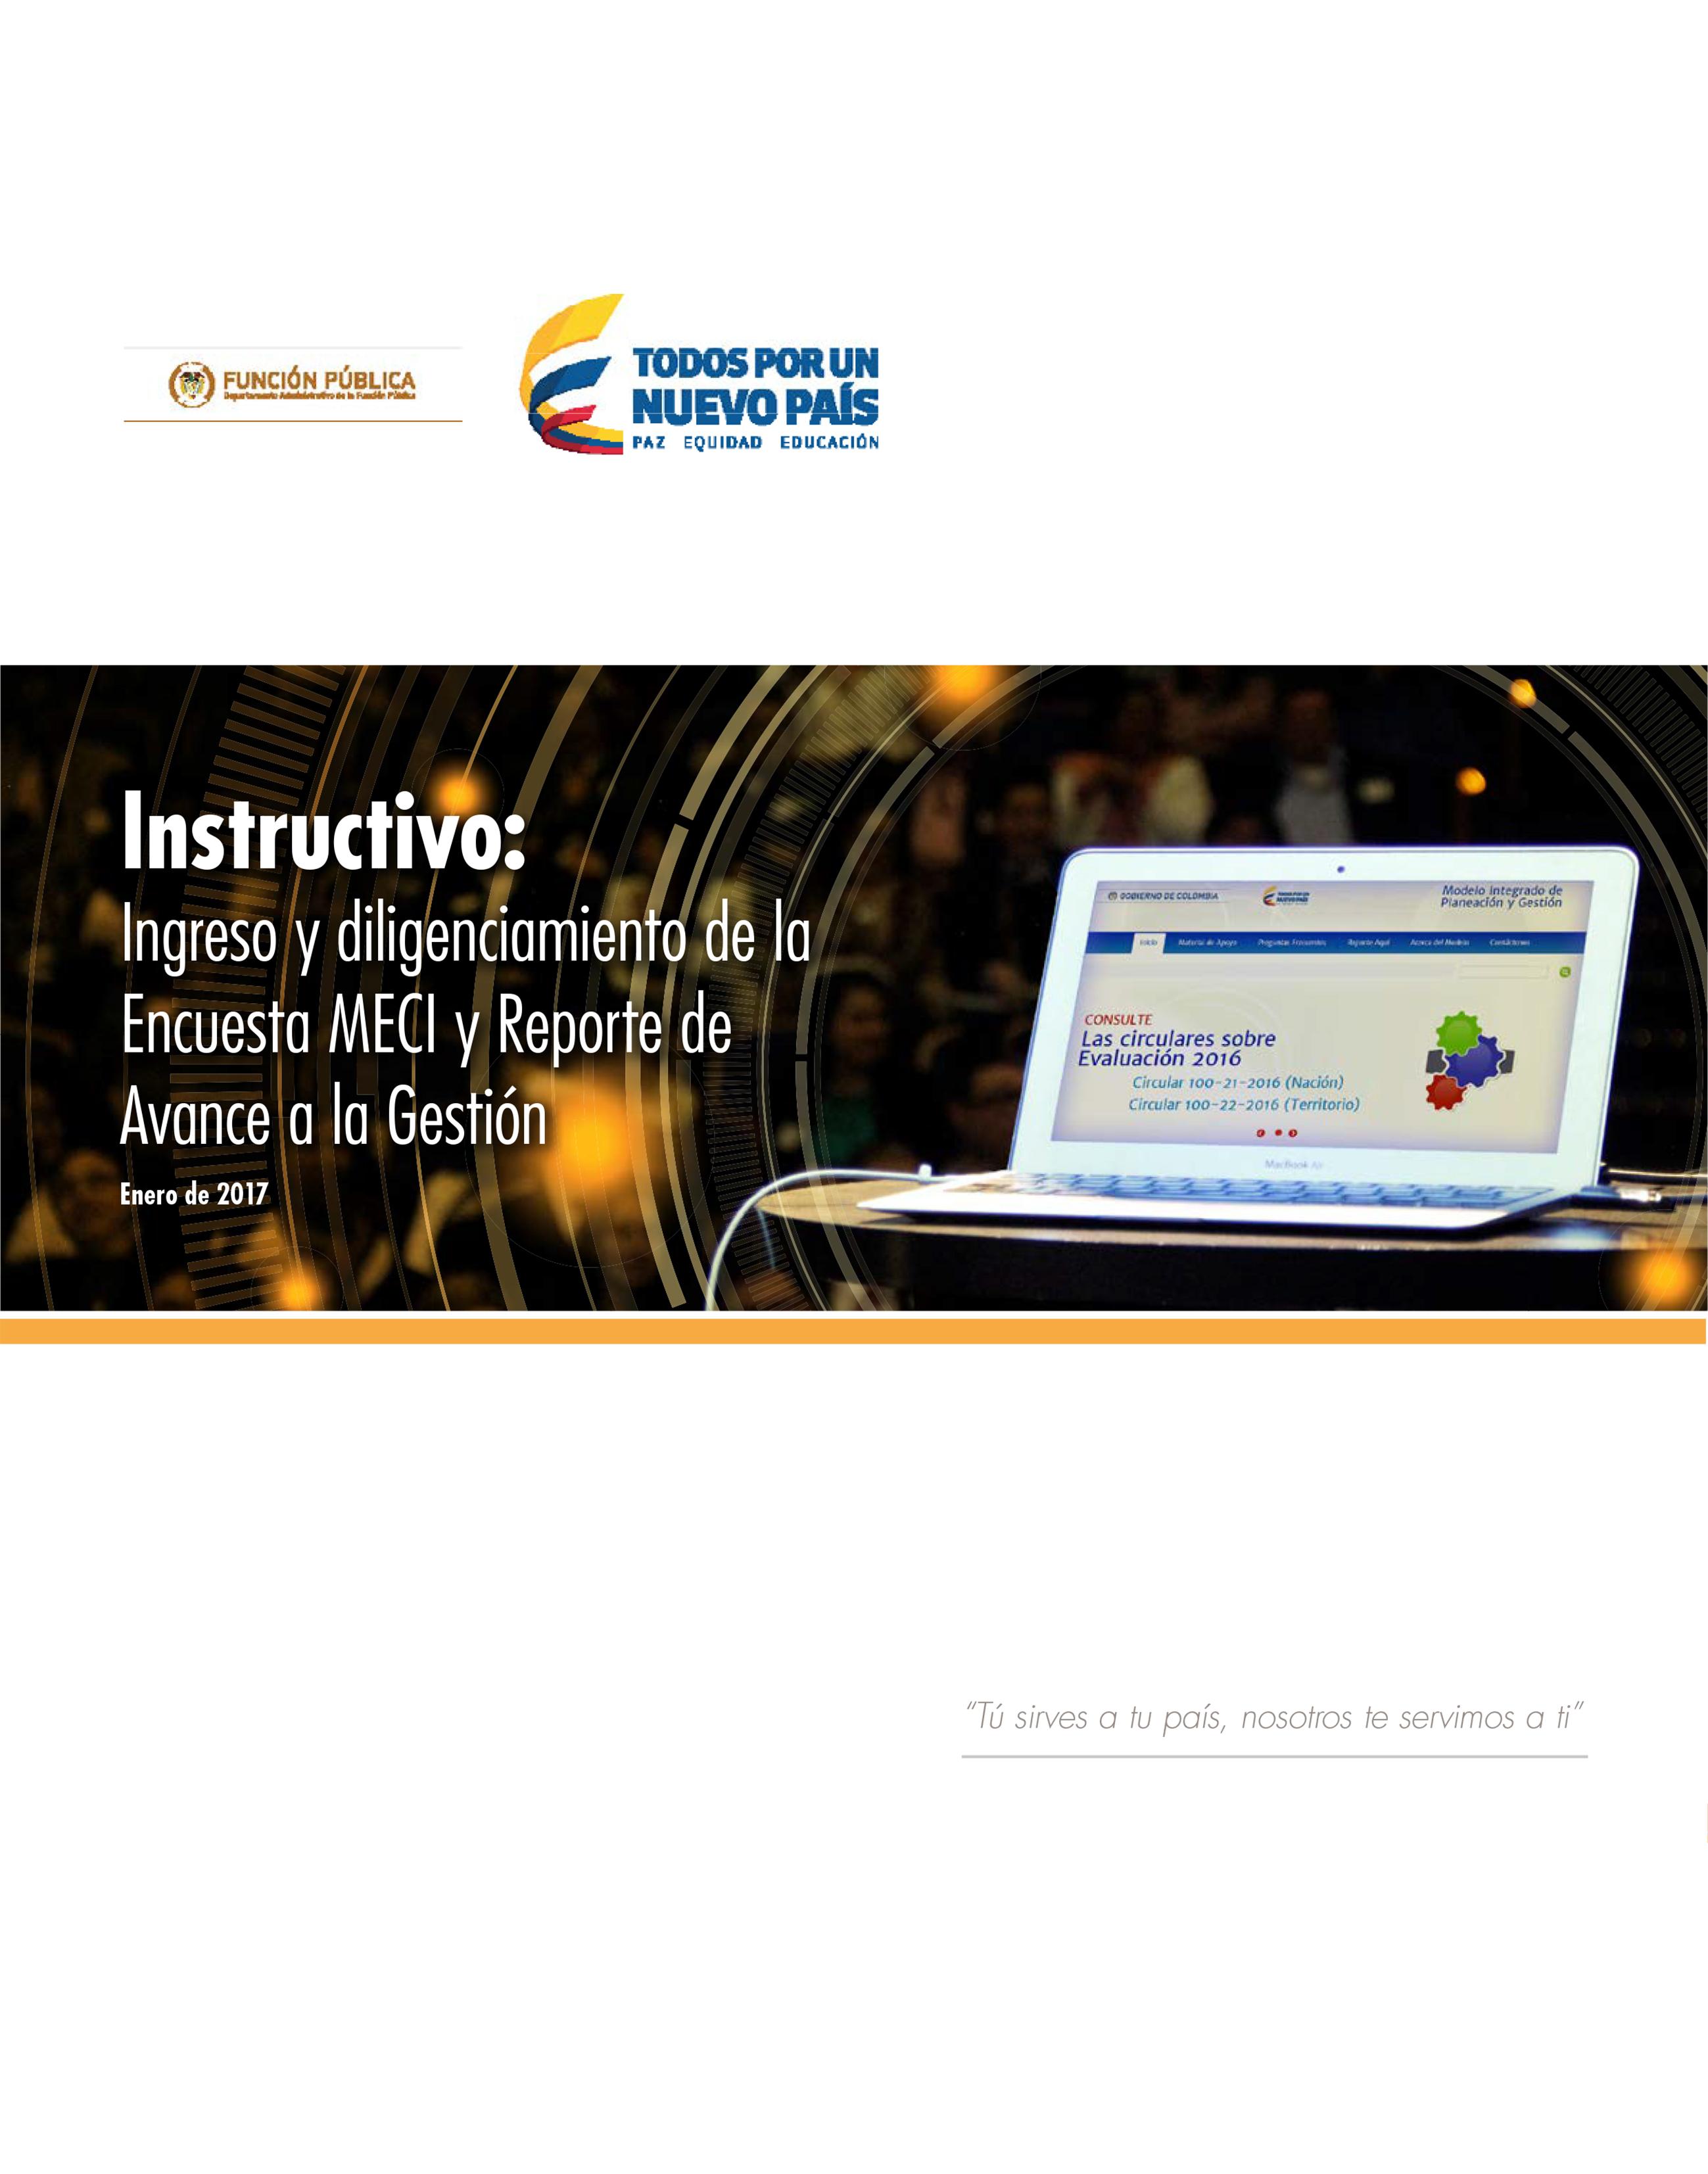 Instructivo: Ingreso y diligenciamiento de la Encuesta MECI y Reporte de Avance a la Gestión